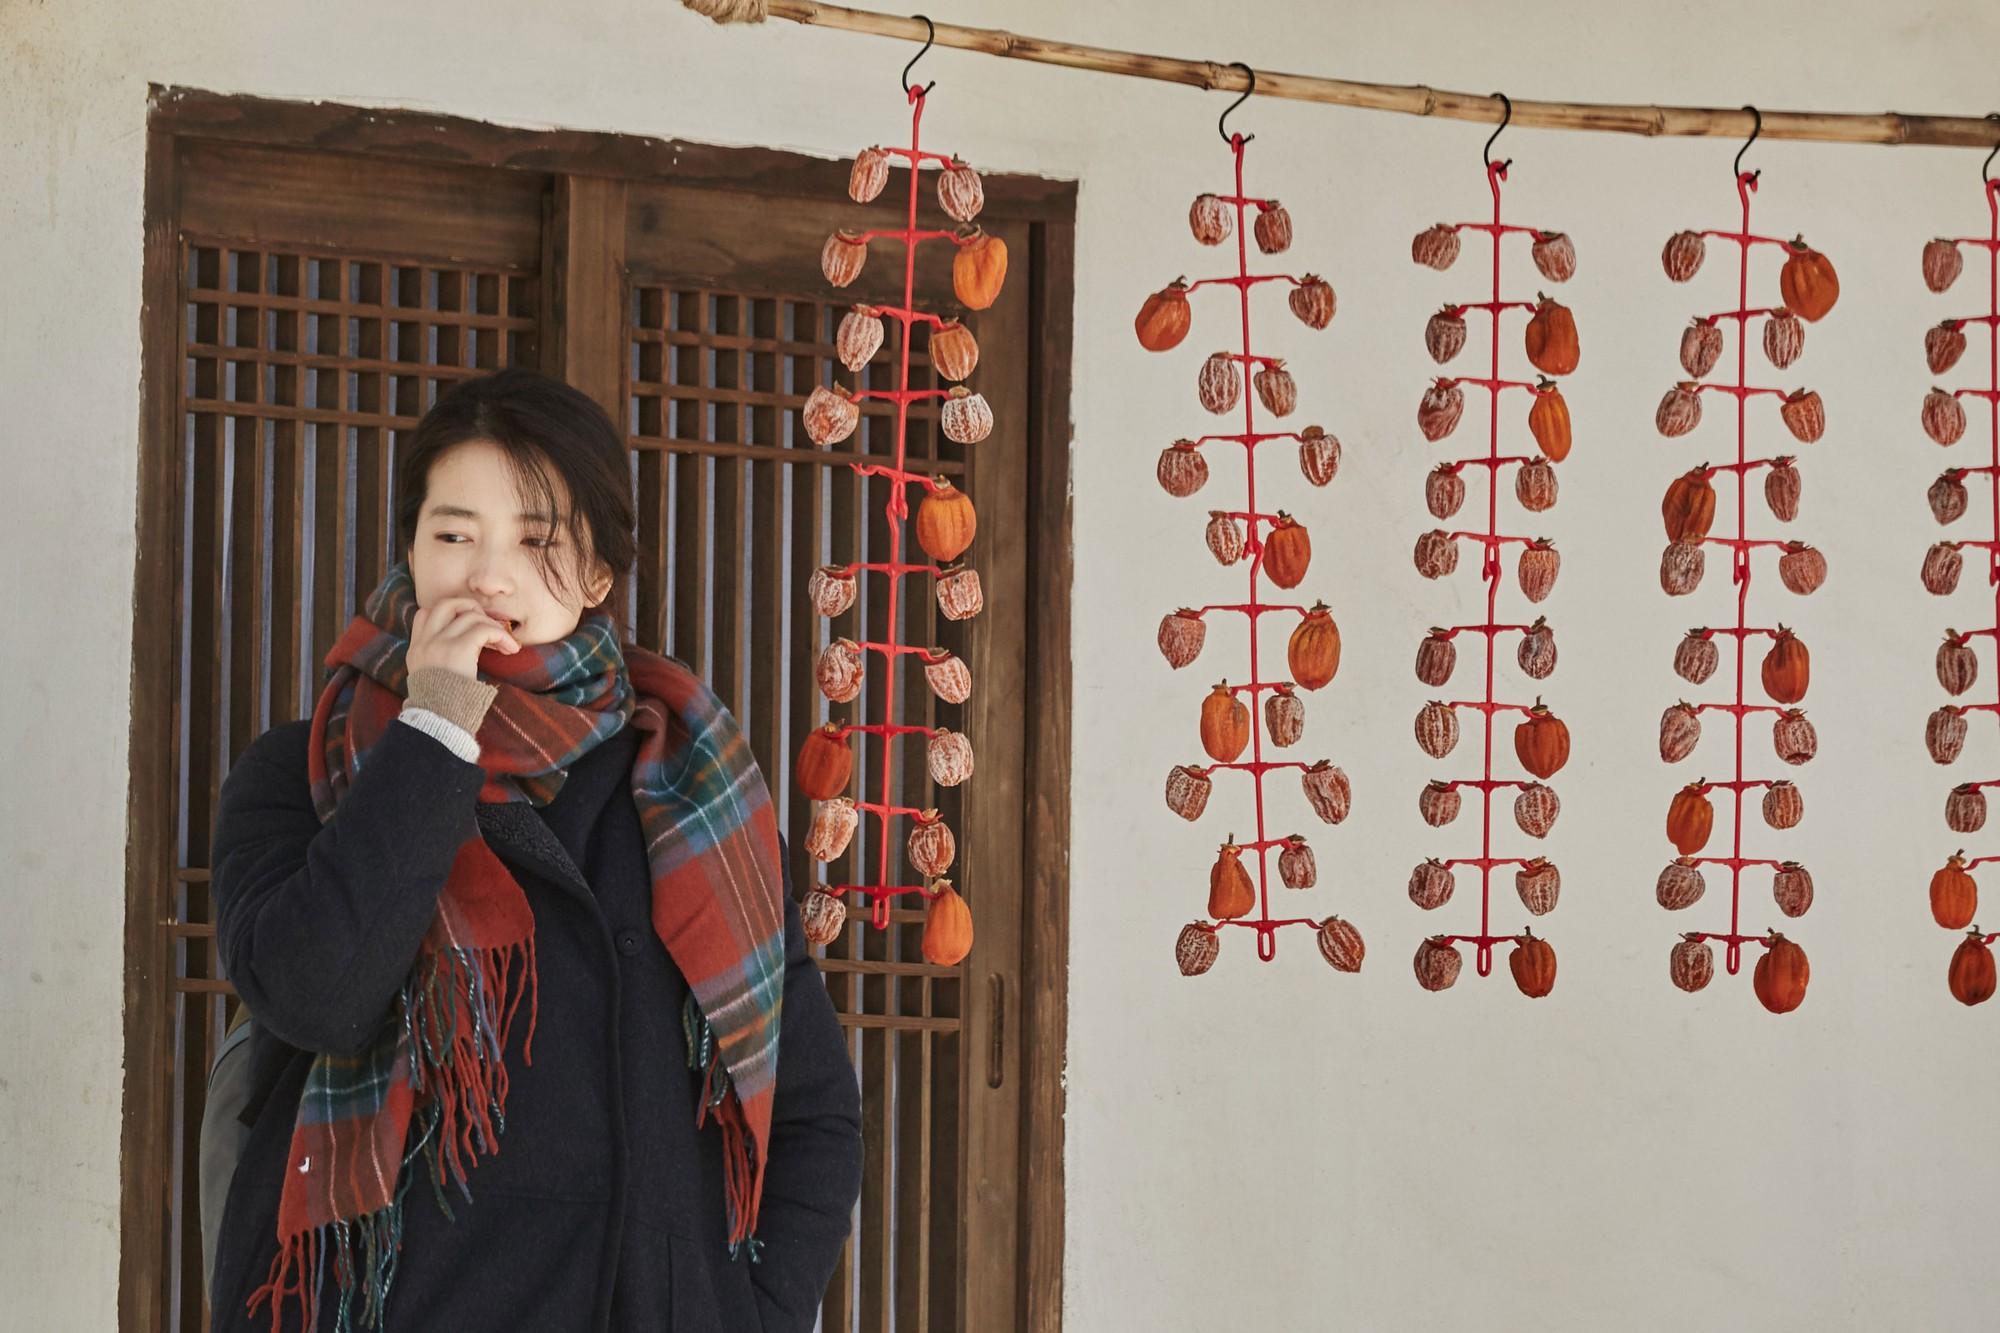 Phim của Lee Seung Gi và sao nữ Sunny dẫn đầu phòng vé Hàn tuần ra mắt - Ảnh 3.